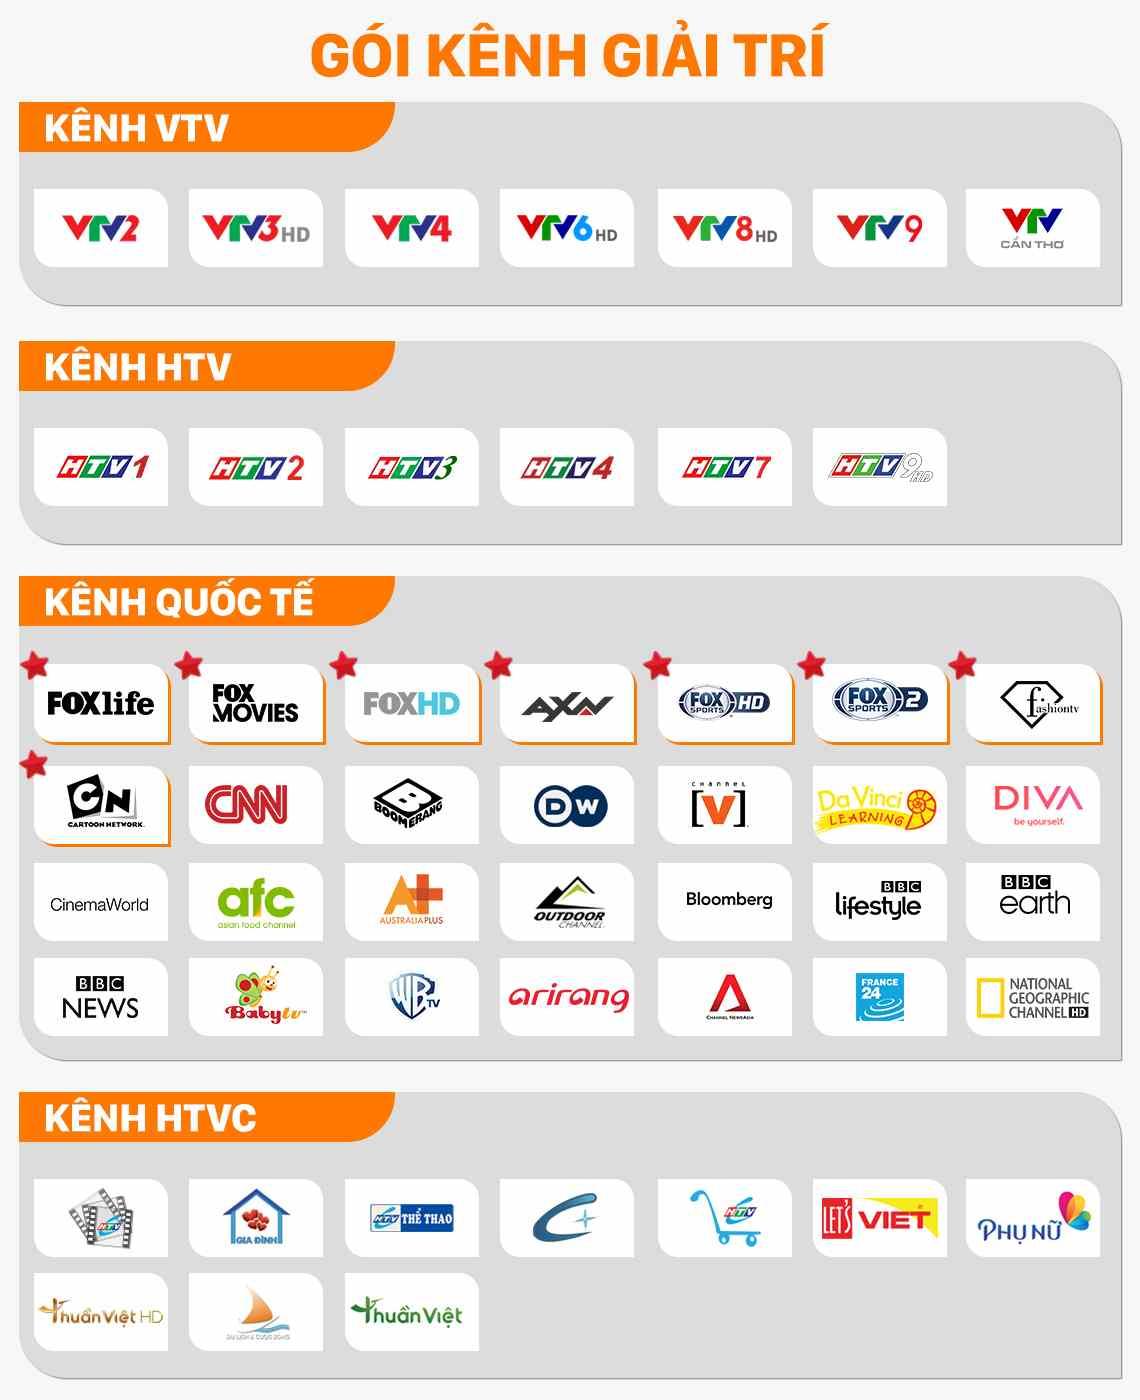 Danh sách kênh gói giải trí